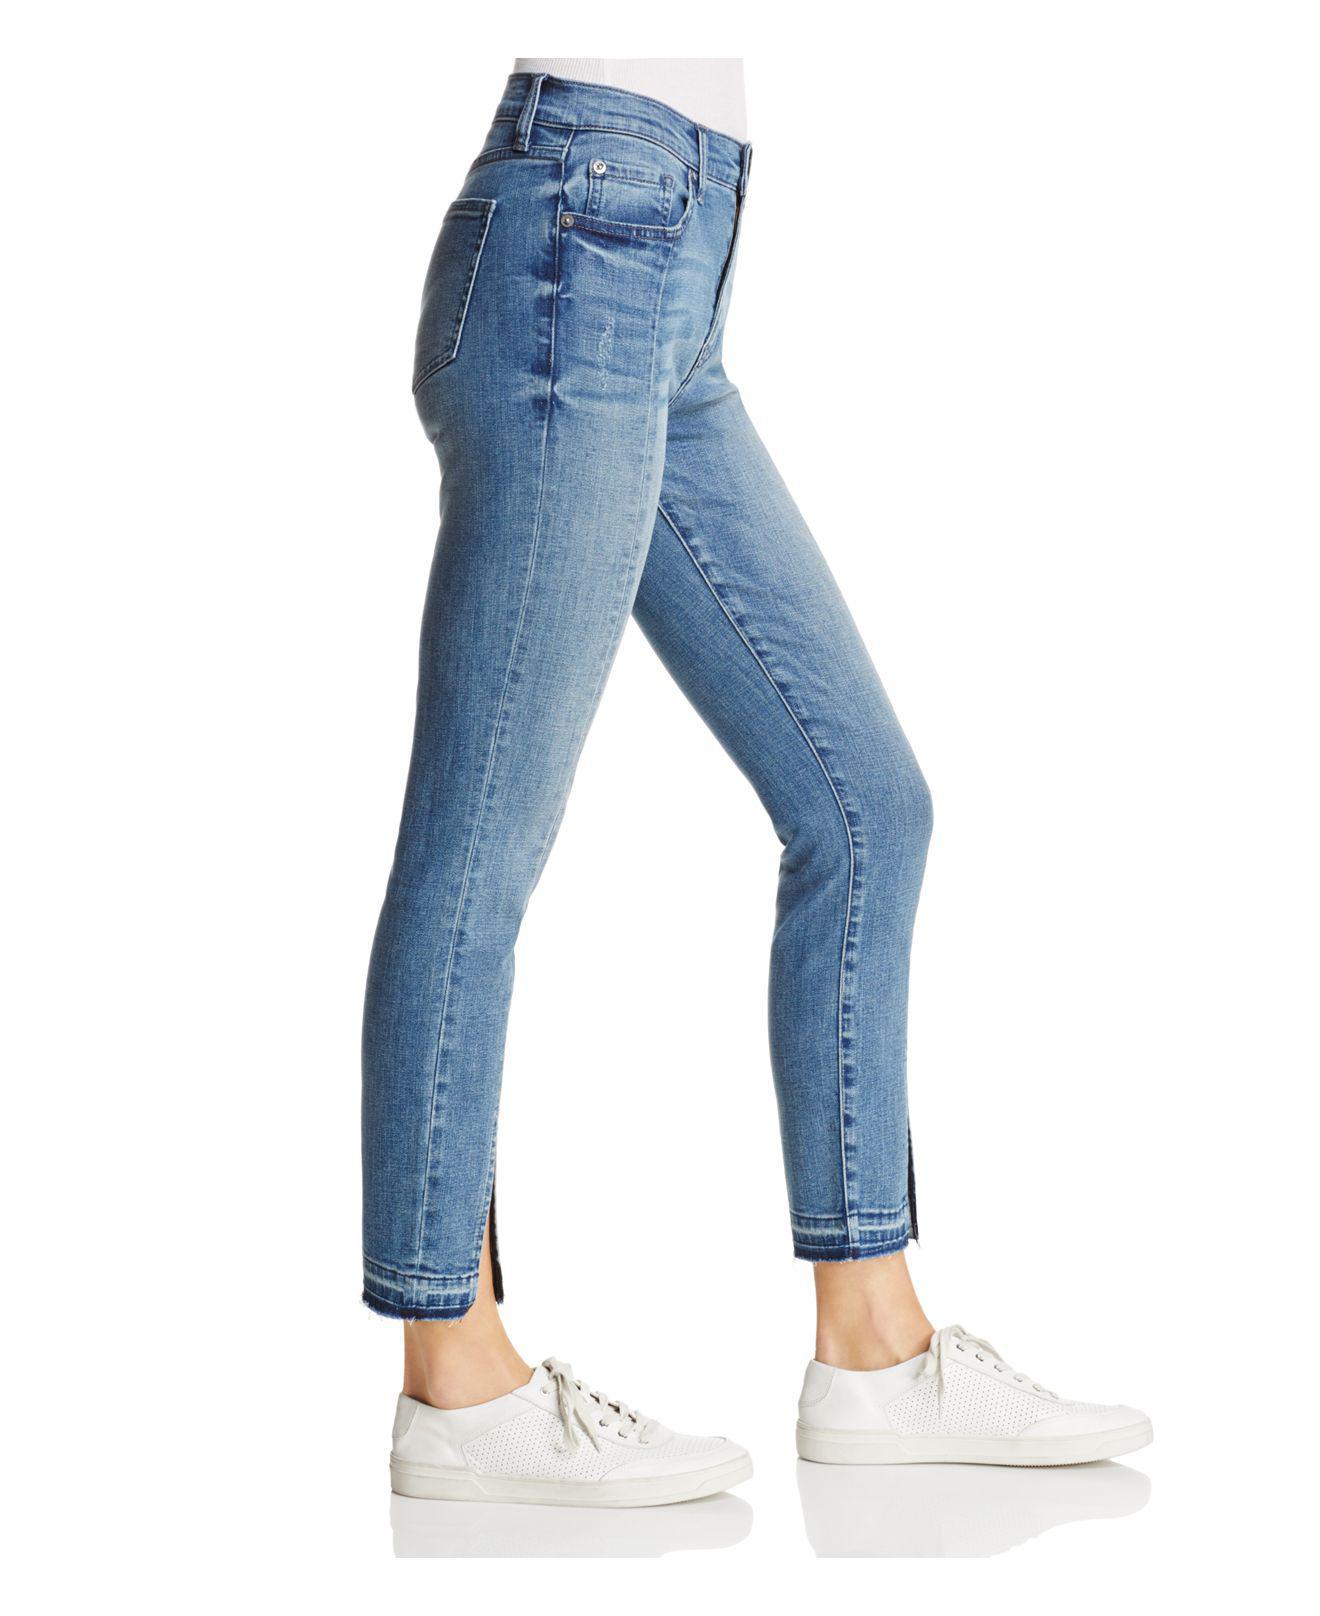 Lyst Jeans In Blue Skinny Pistola Monroe The Mistfit Seamed Cropped FKc3Tl1J